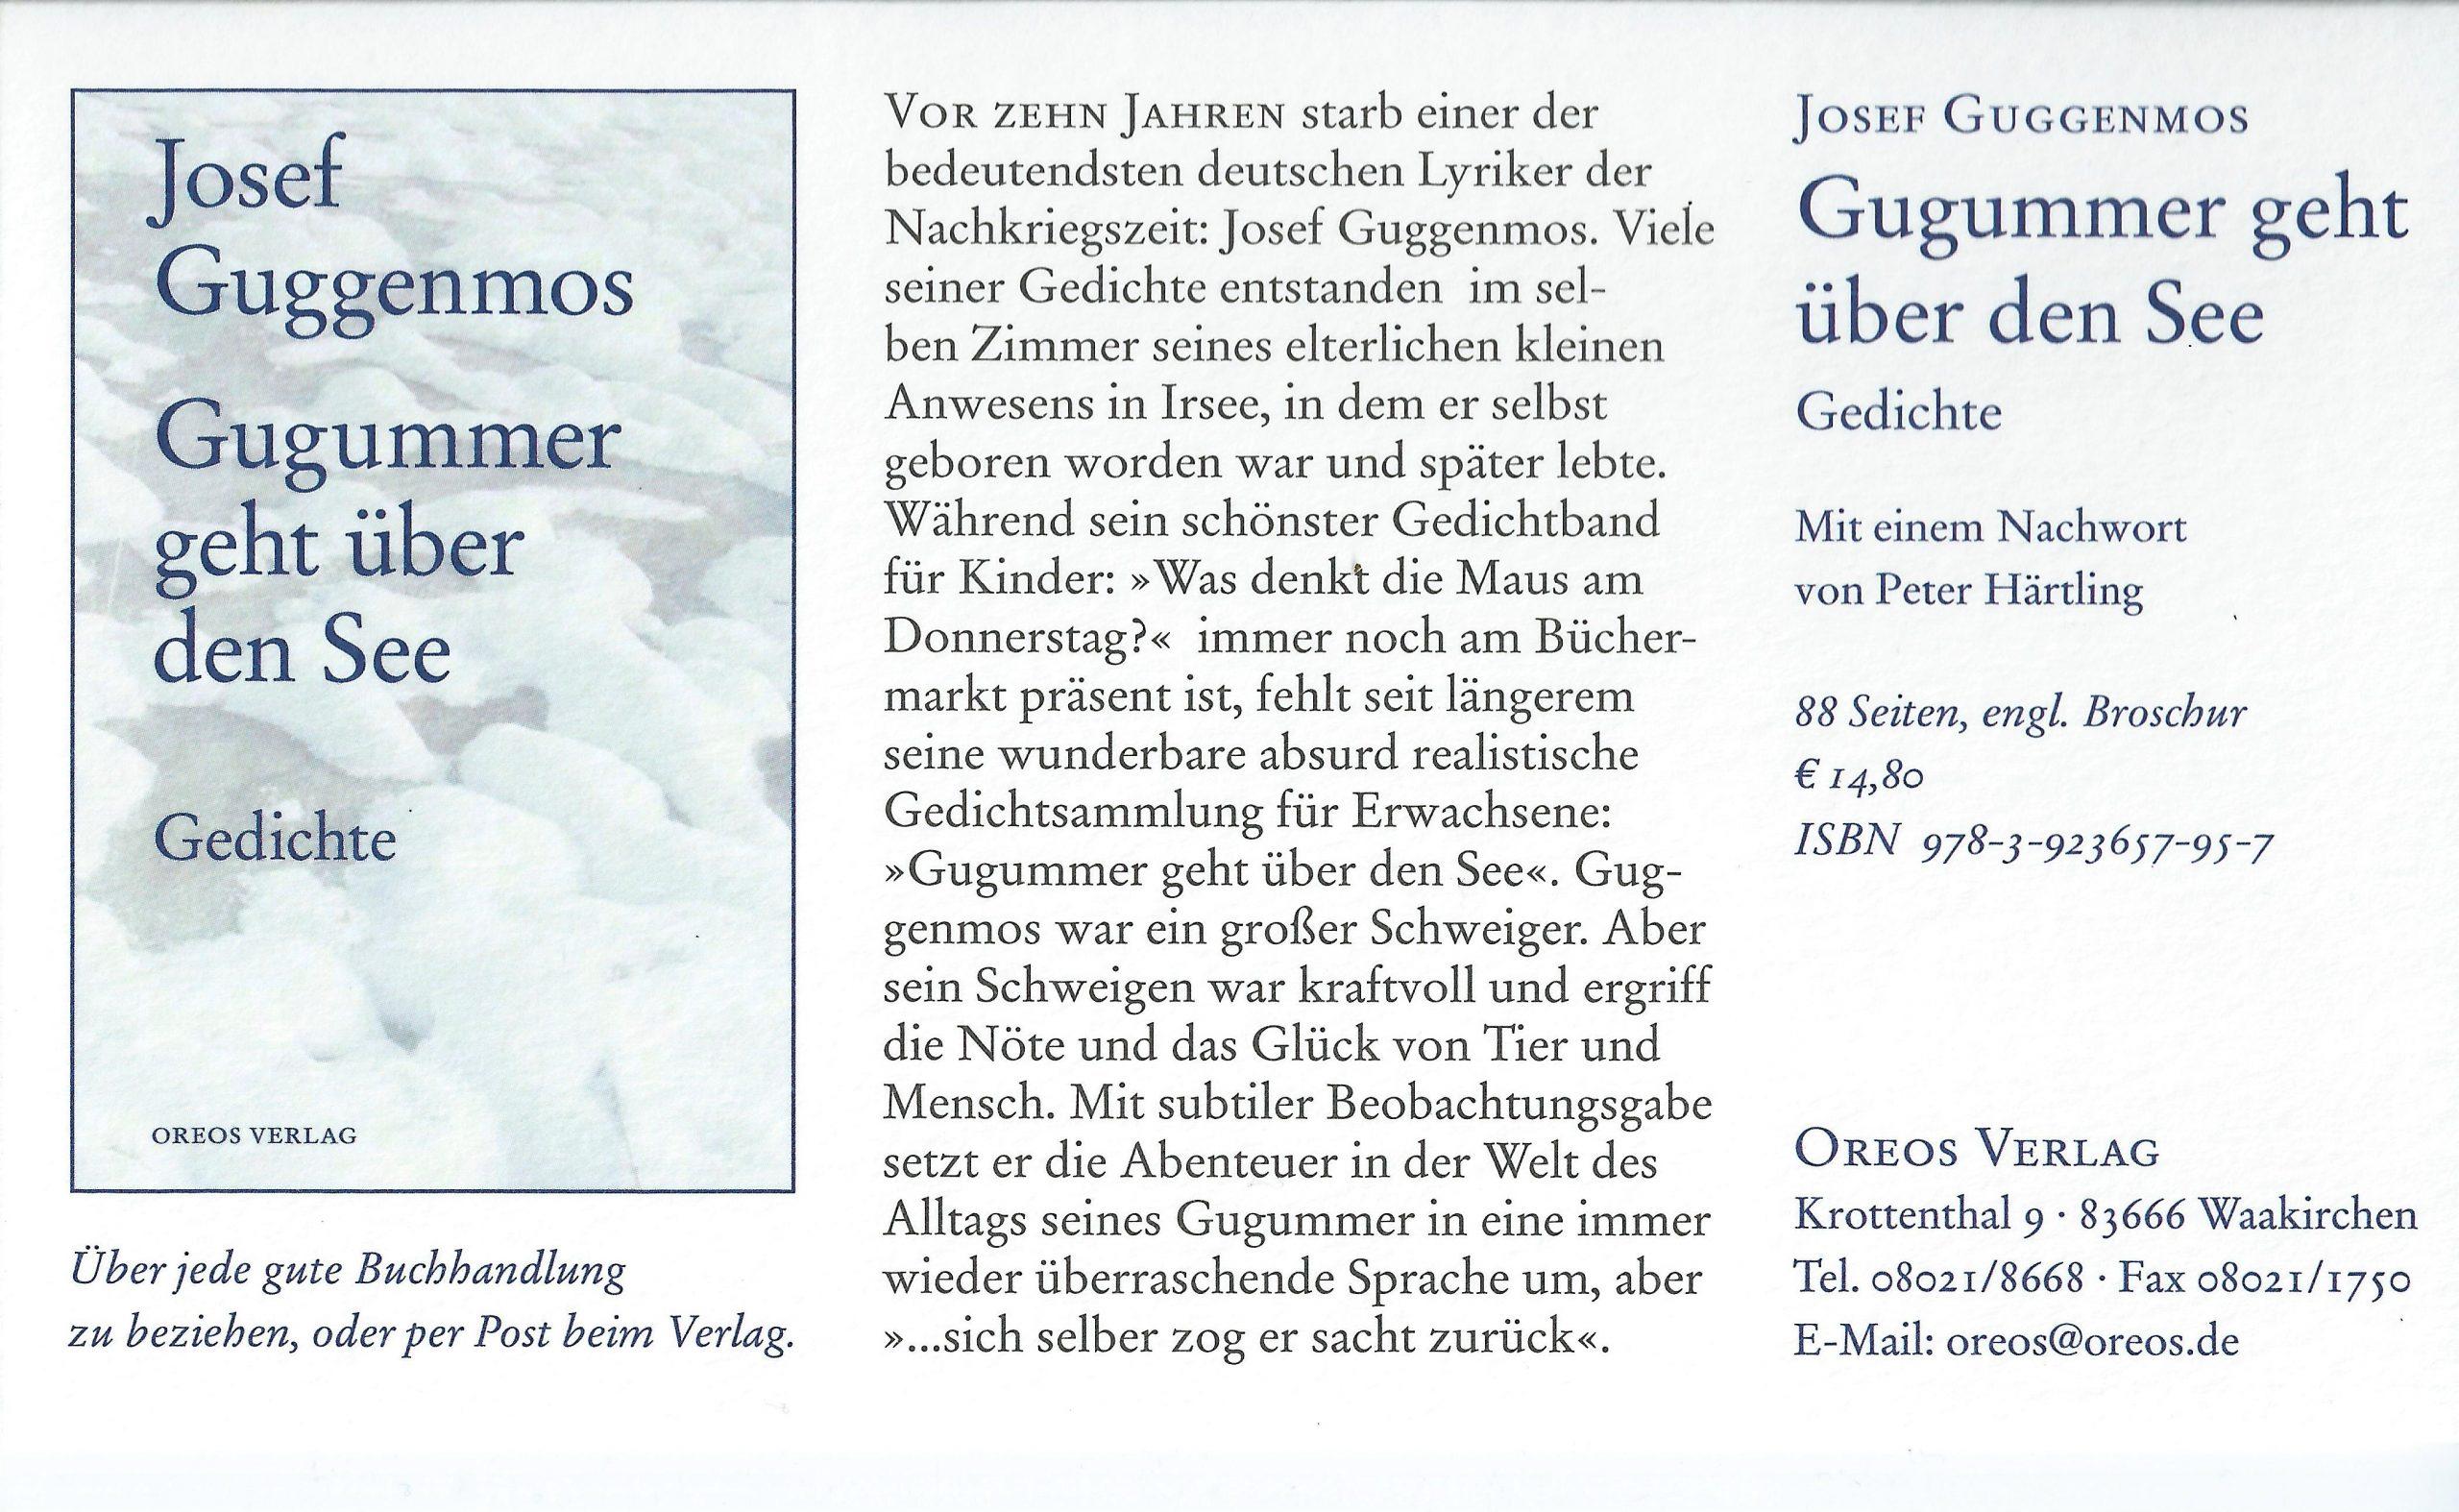 Das&dies für Josef Guggenmos Gedichte Grundschule